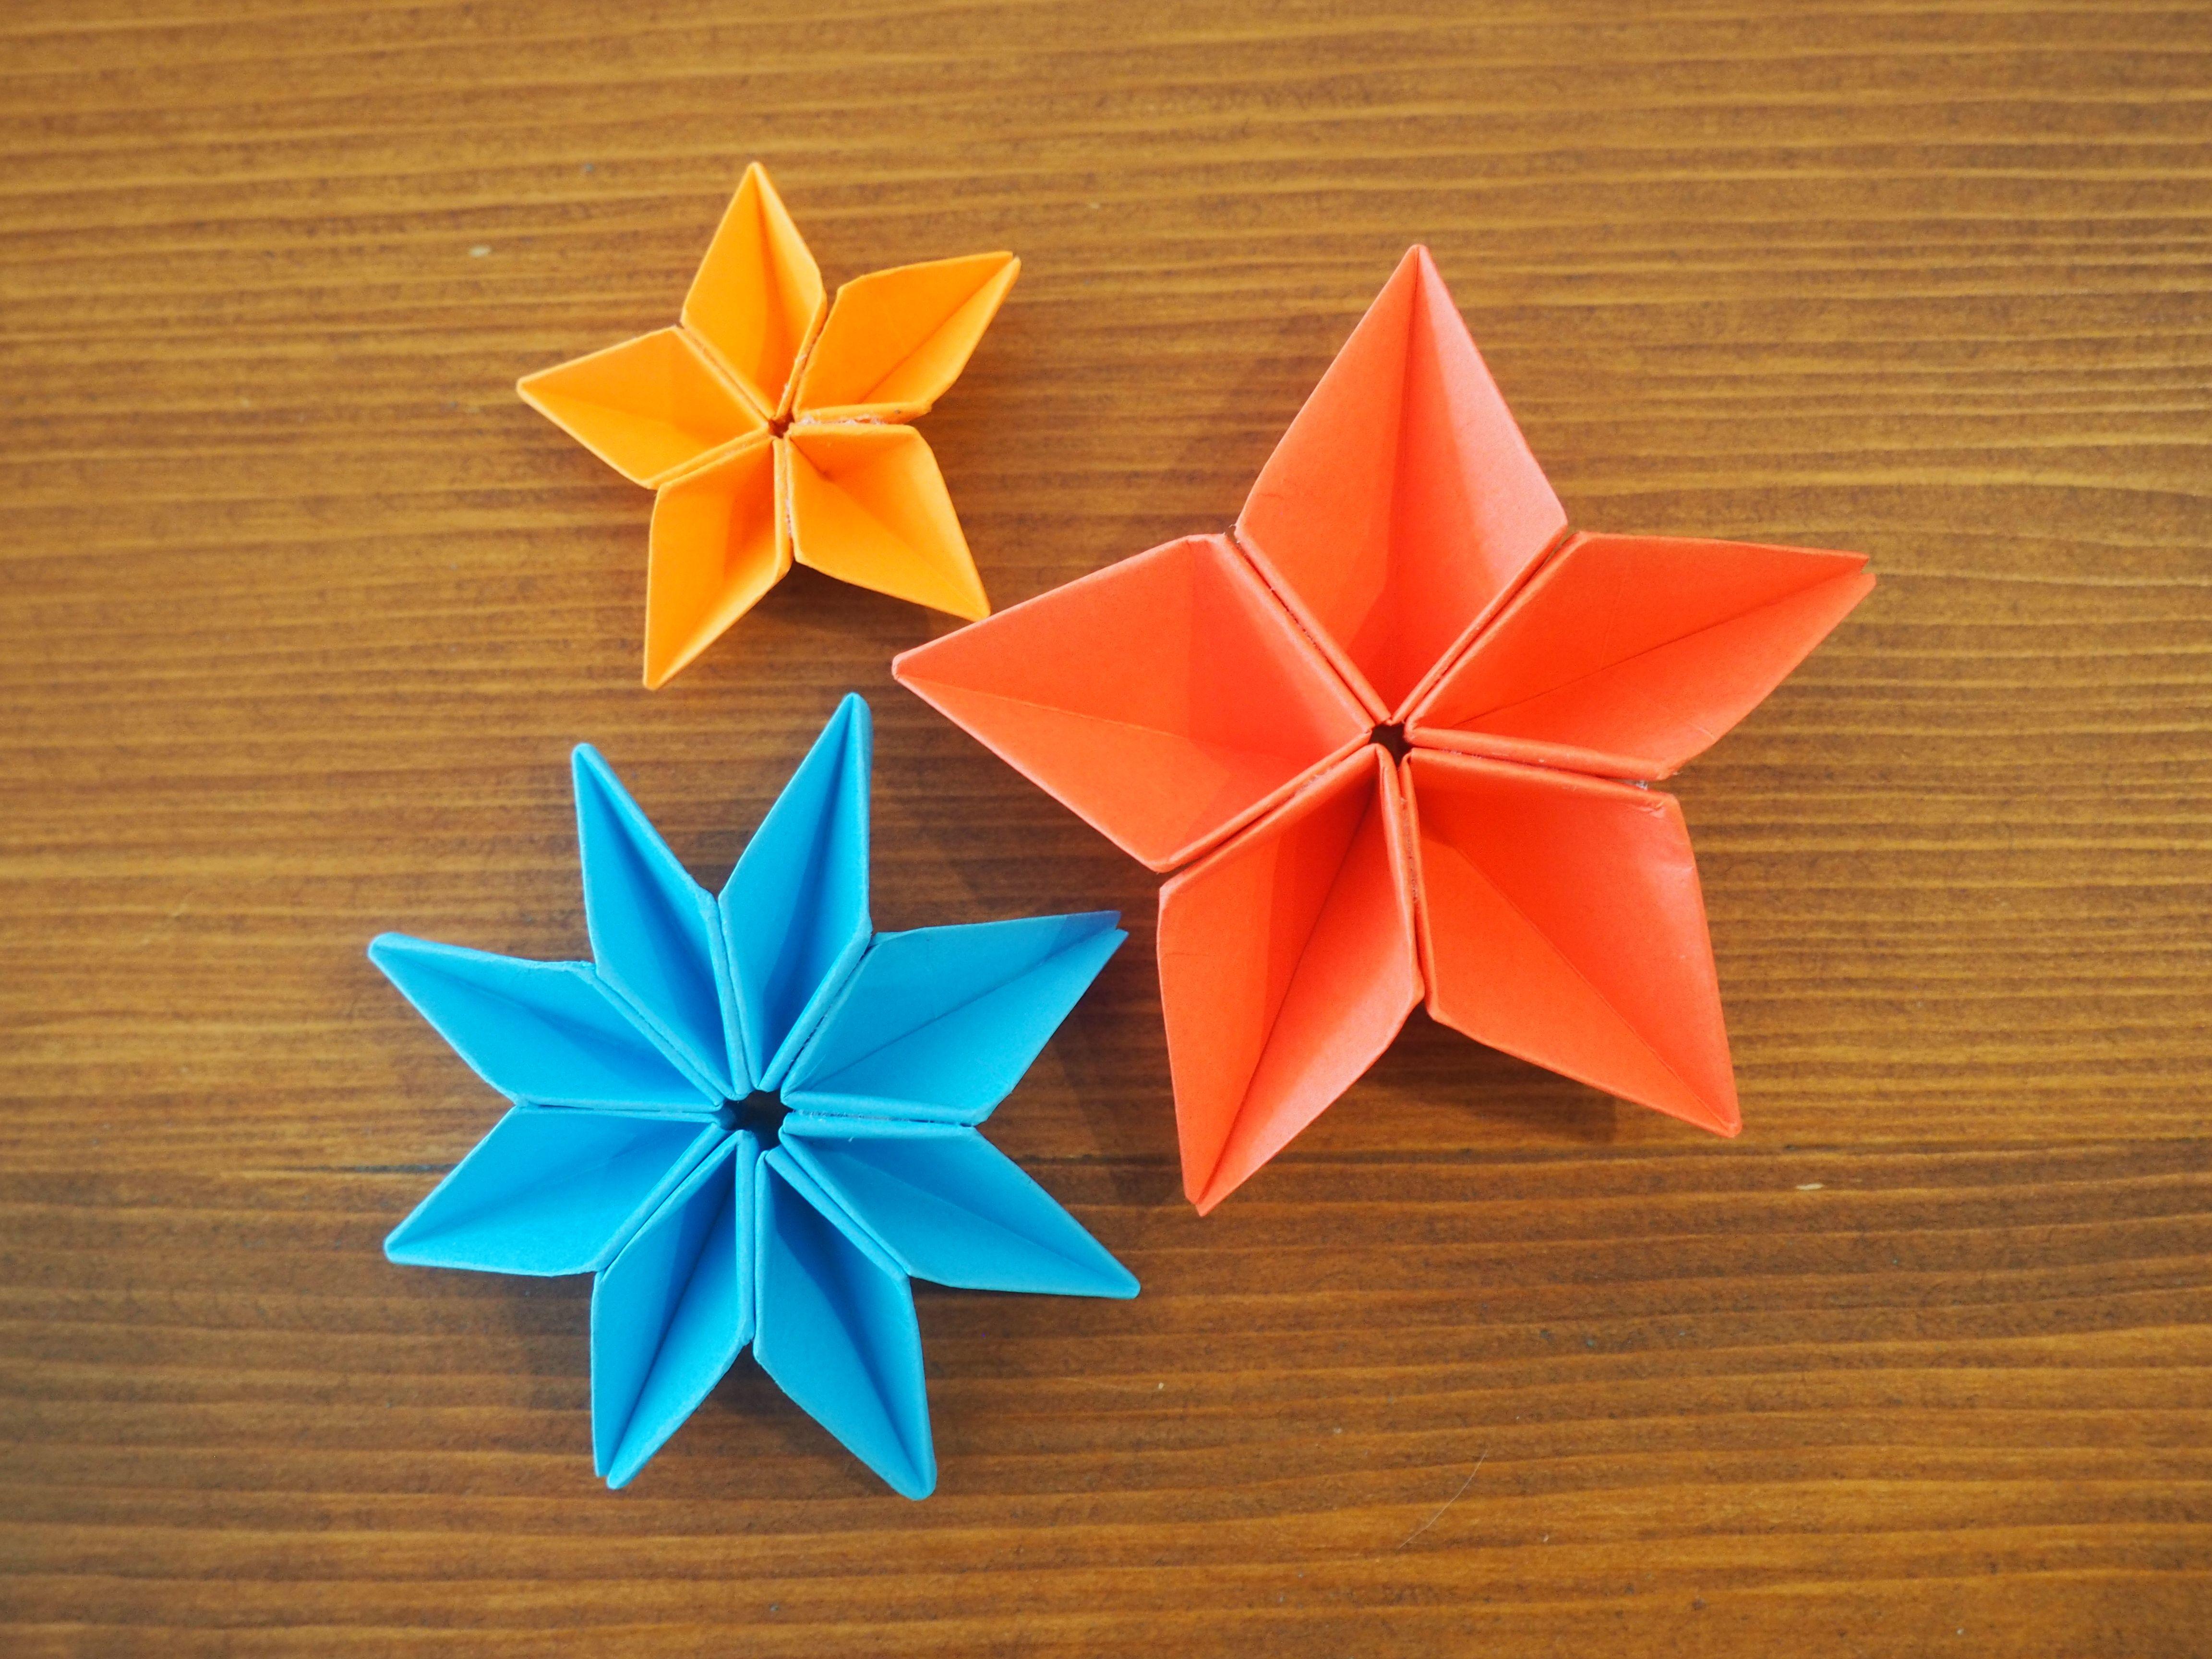 la fleur en origami est une jolie d coration vraiment pas. Black Bedroom Furniture Sets. Home Design Ideas